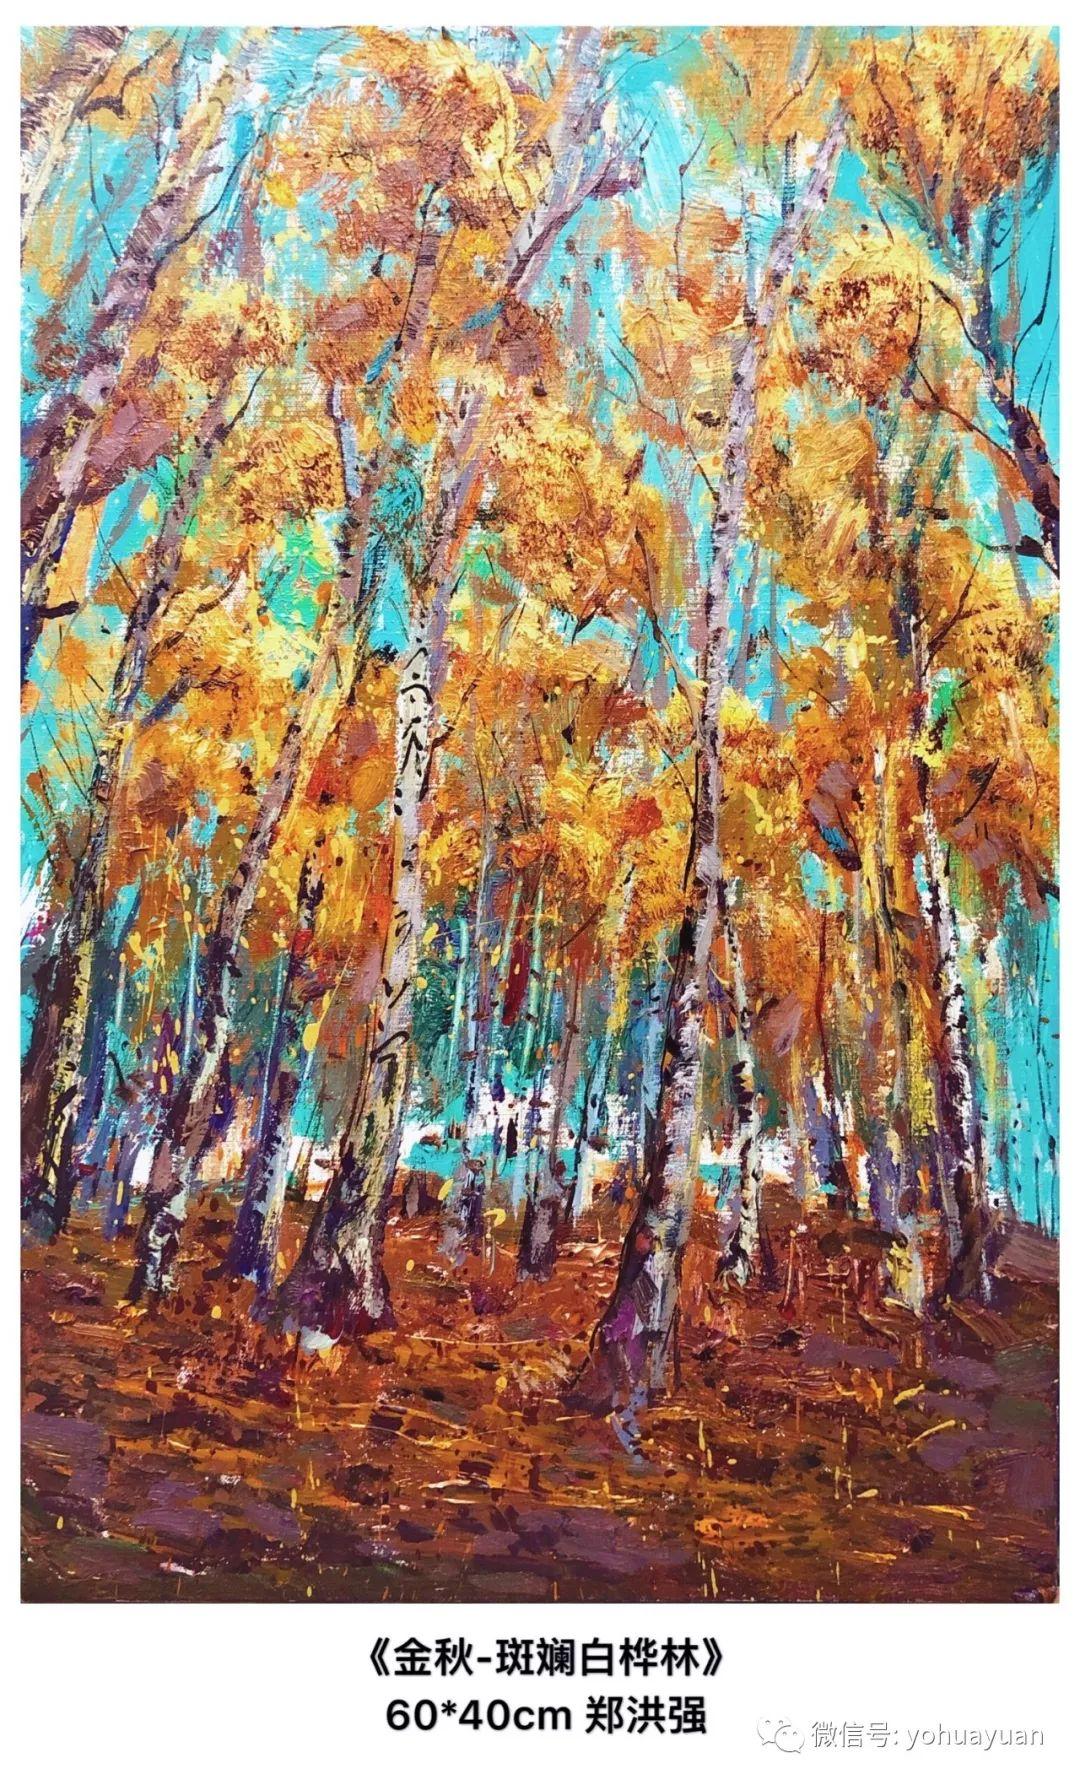 油画作品拍卖(内蒙古草原写生) 第27张 油画作品拍卖(内蒙古草原写生) 蒙古画廊